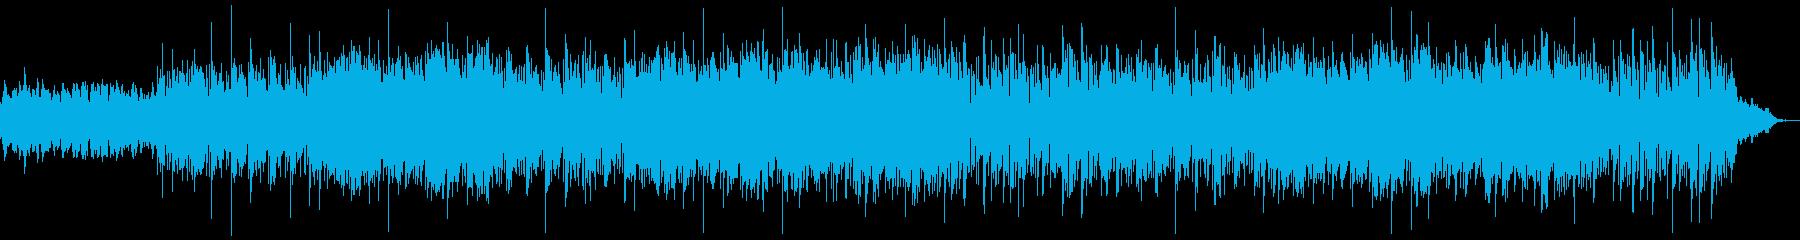 のんびりでふわふわした雰囲気のBGMの再生済みの波形